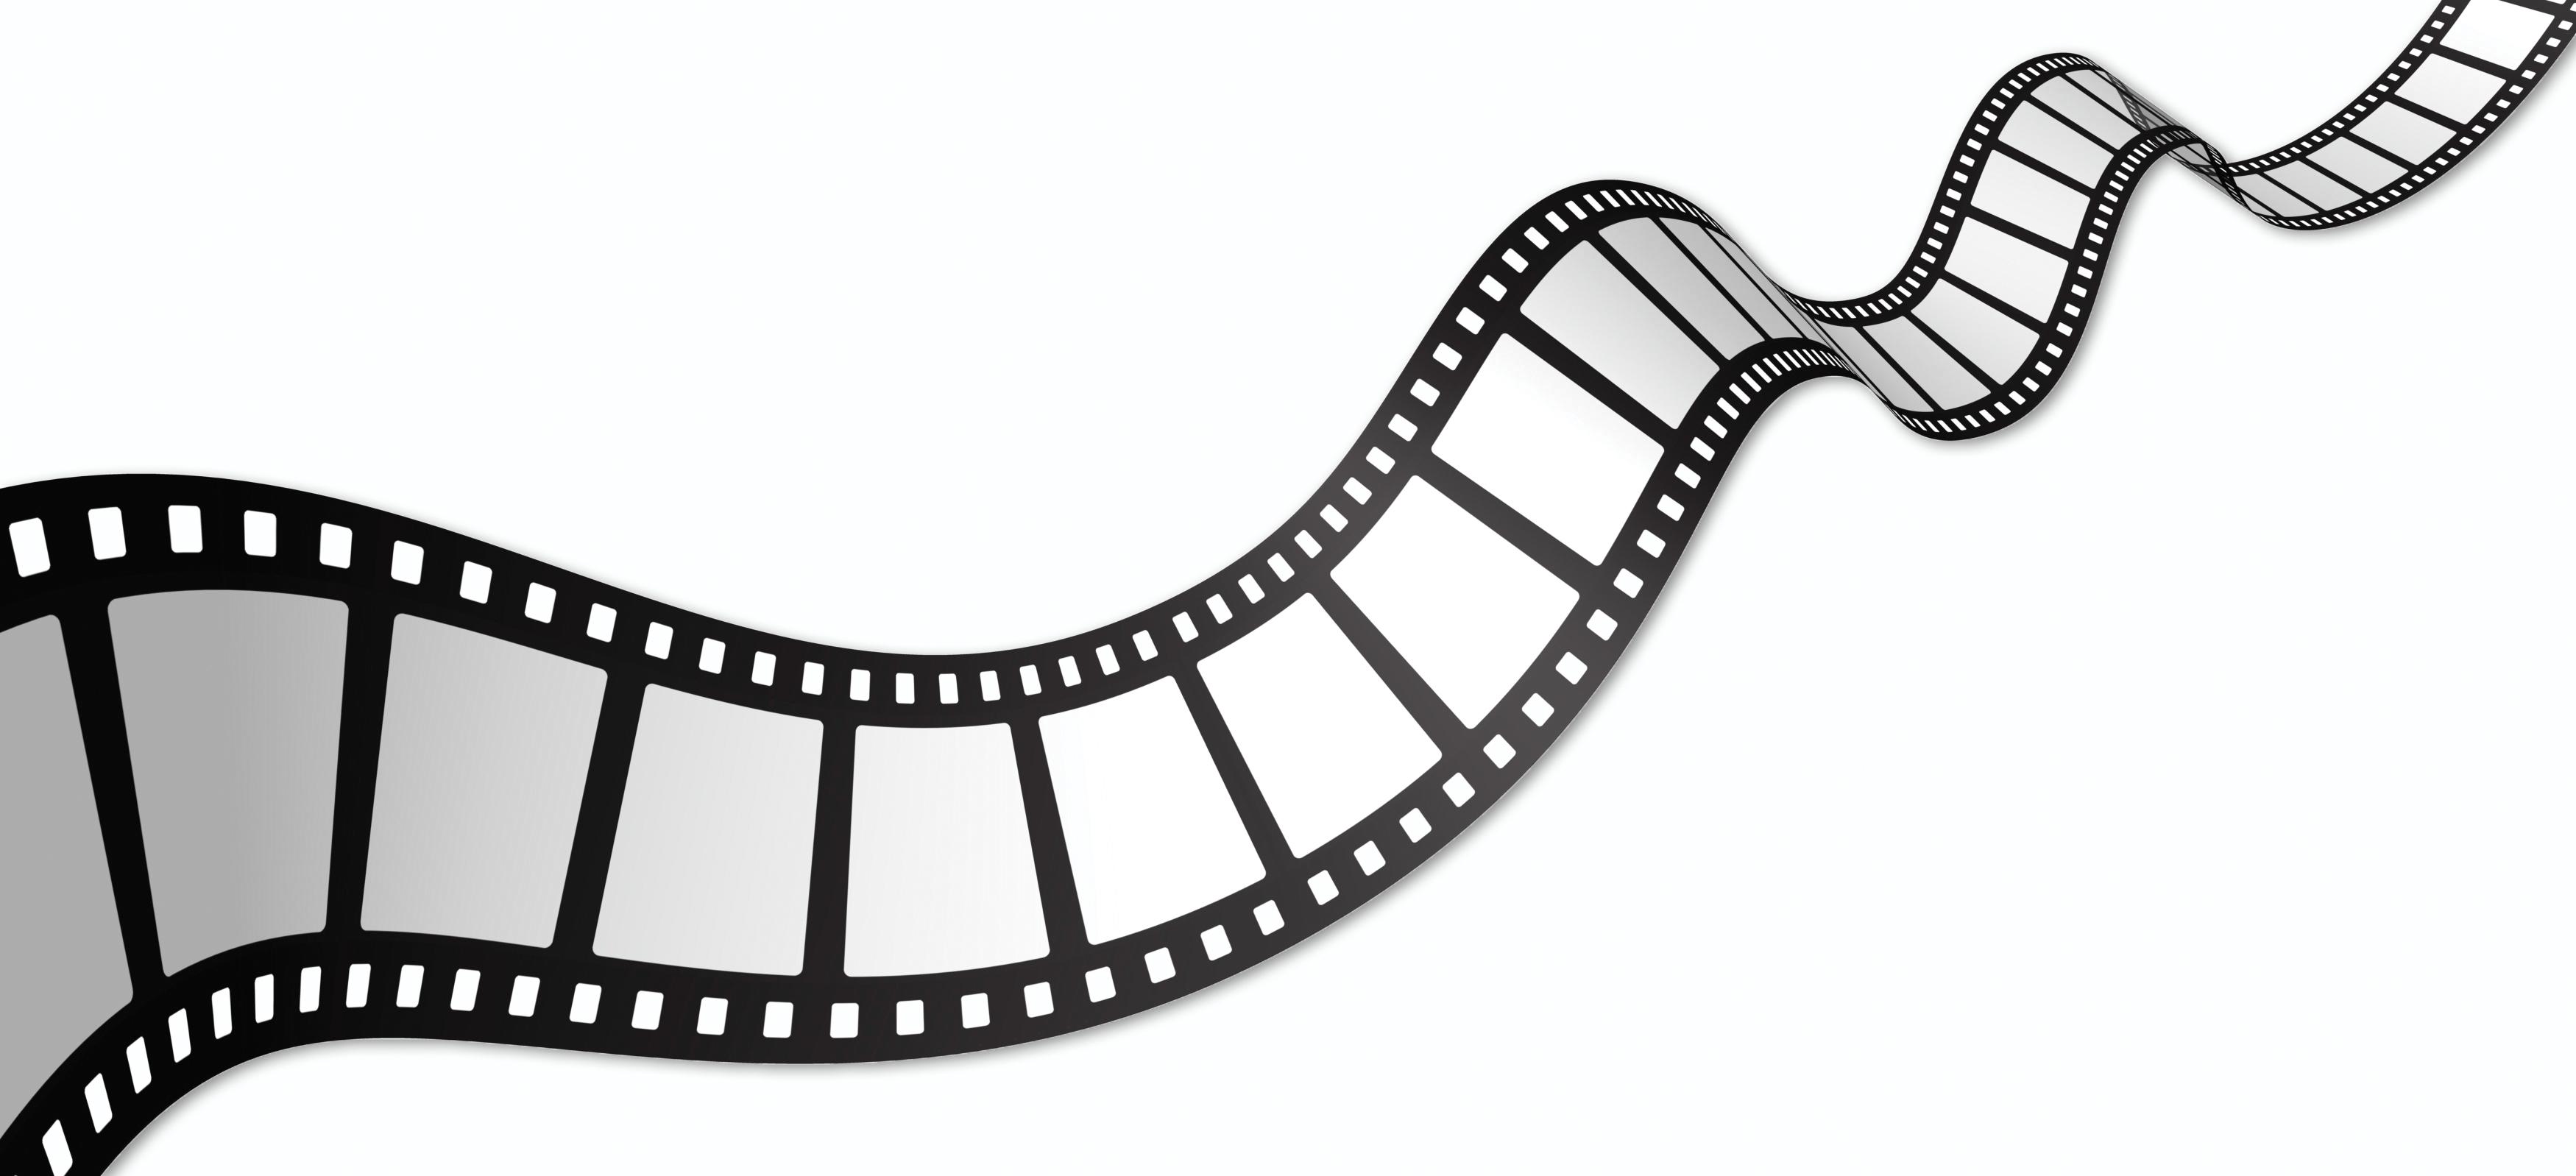 siti di film porno gratis chat per incontri senza registrazione